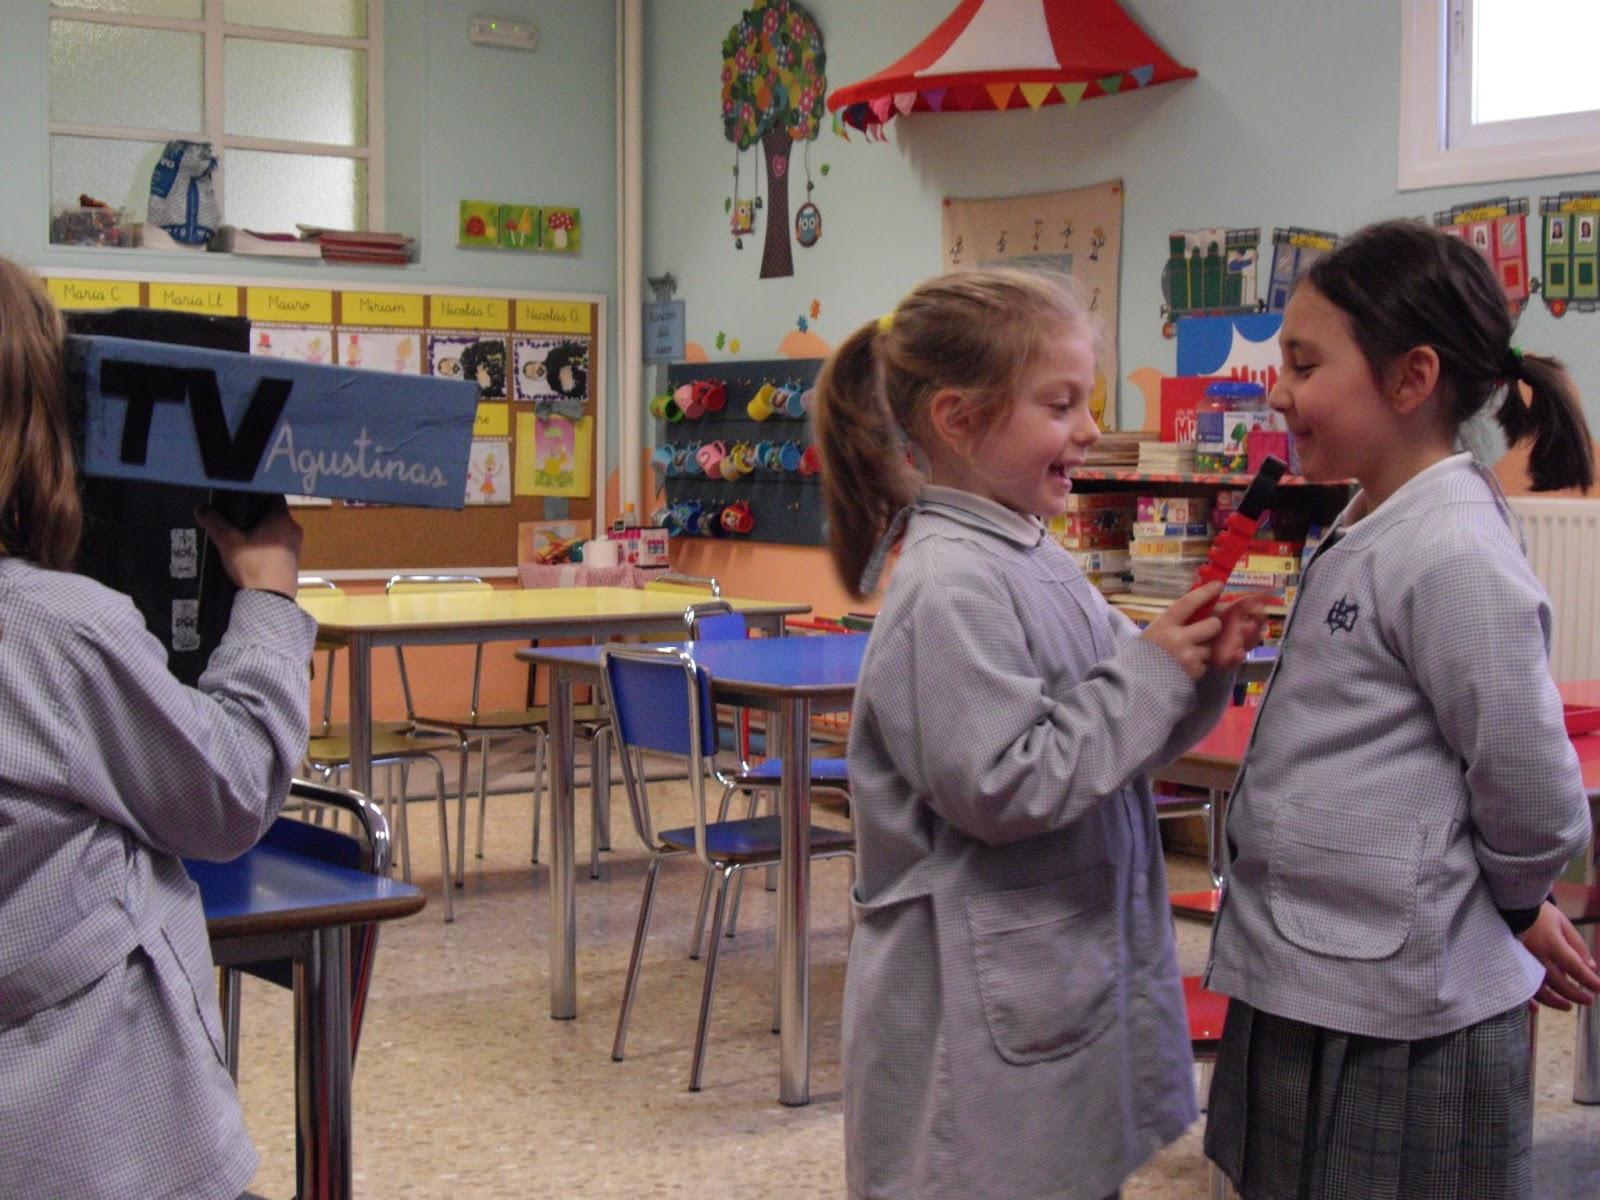 Agustinas Valladolid - 2017 - Infantil 5 - Medios de Comunicación 3